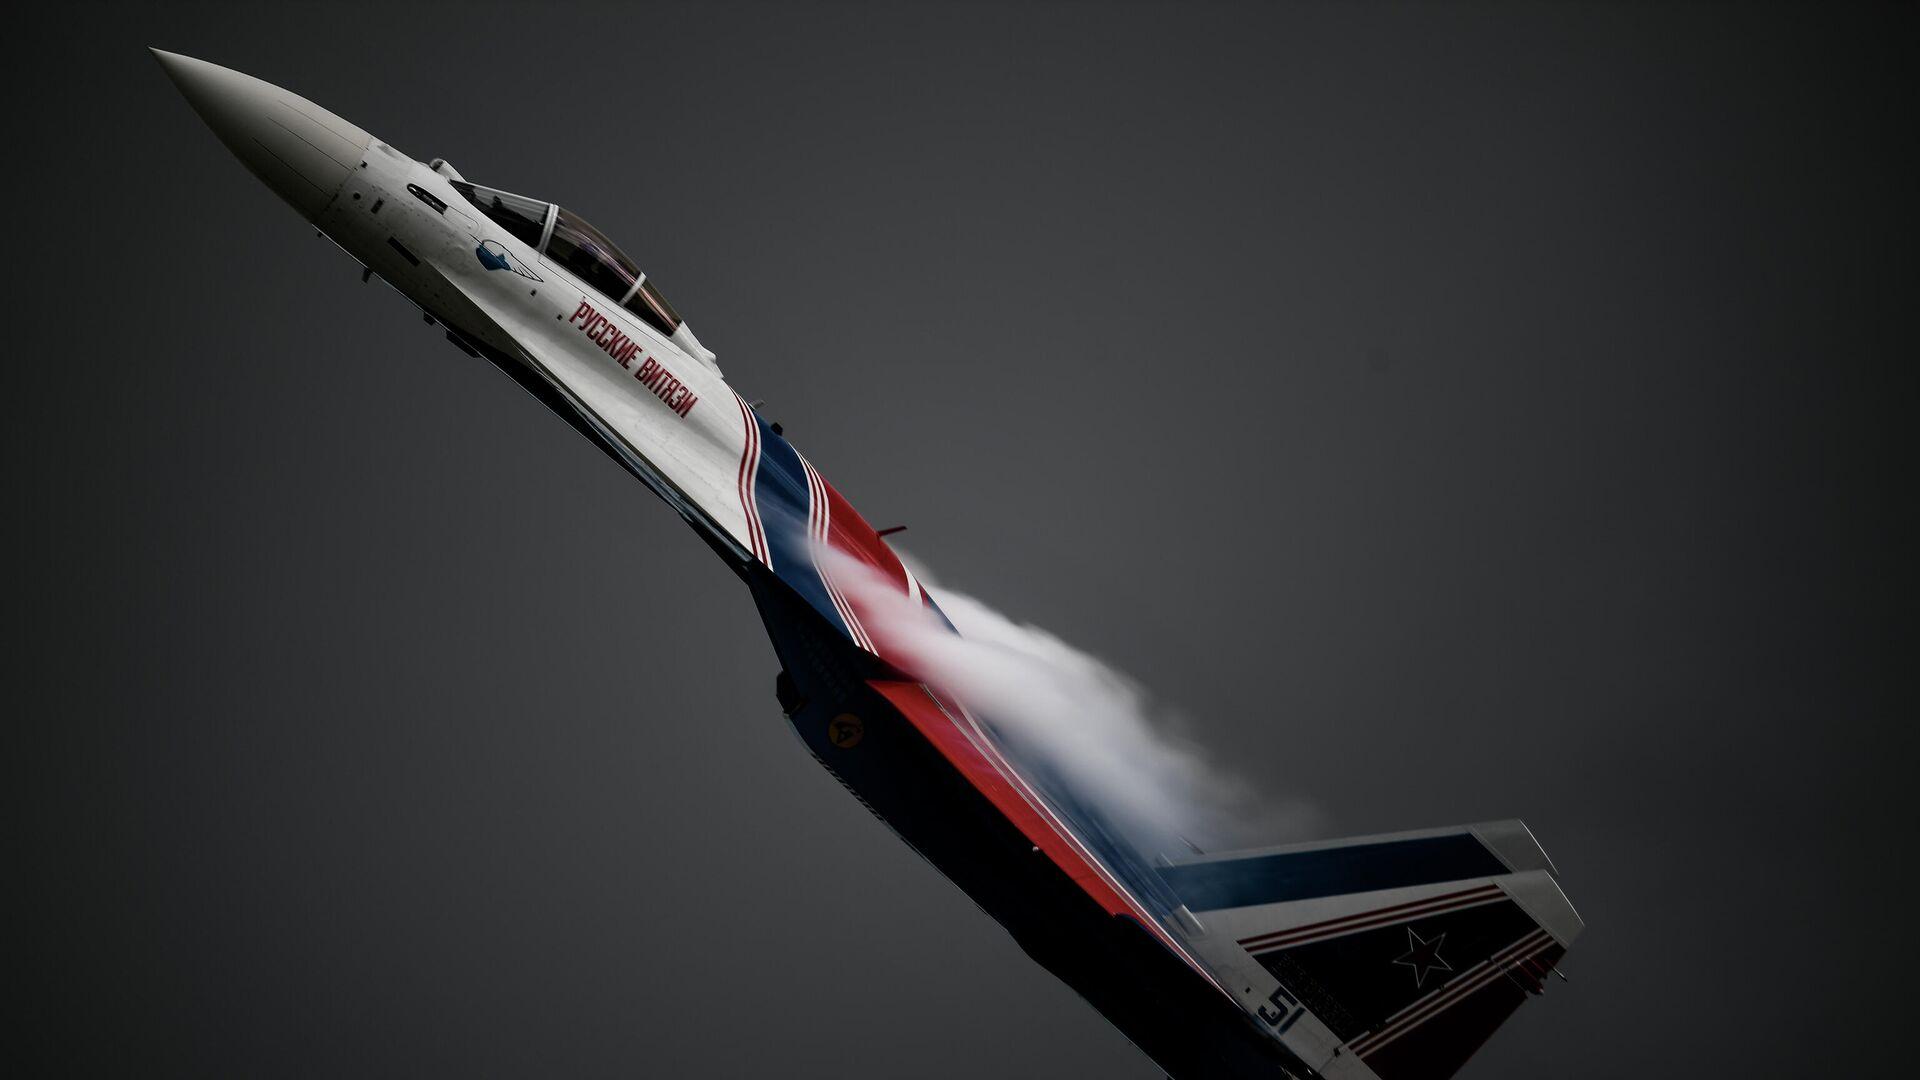 Истребитель Су-35С пилотажной группы Русские витязи выполняет демонстрационный полет в рамках Международного форума Армия-2020 на аэродроме Кубинка в Подмосковье - РИА Новости, 1920, 20.07.2021